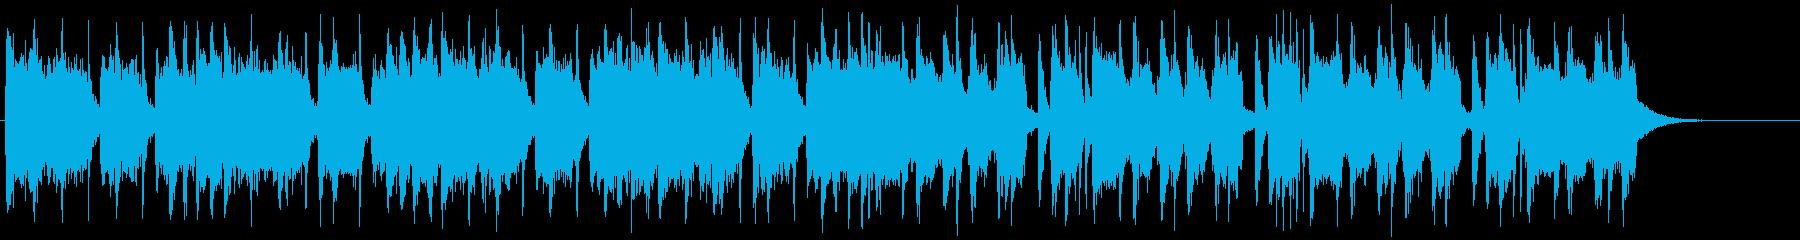 バッドさが全開のヘヴィメタル系ジングル2の再生済みの波形